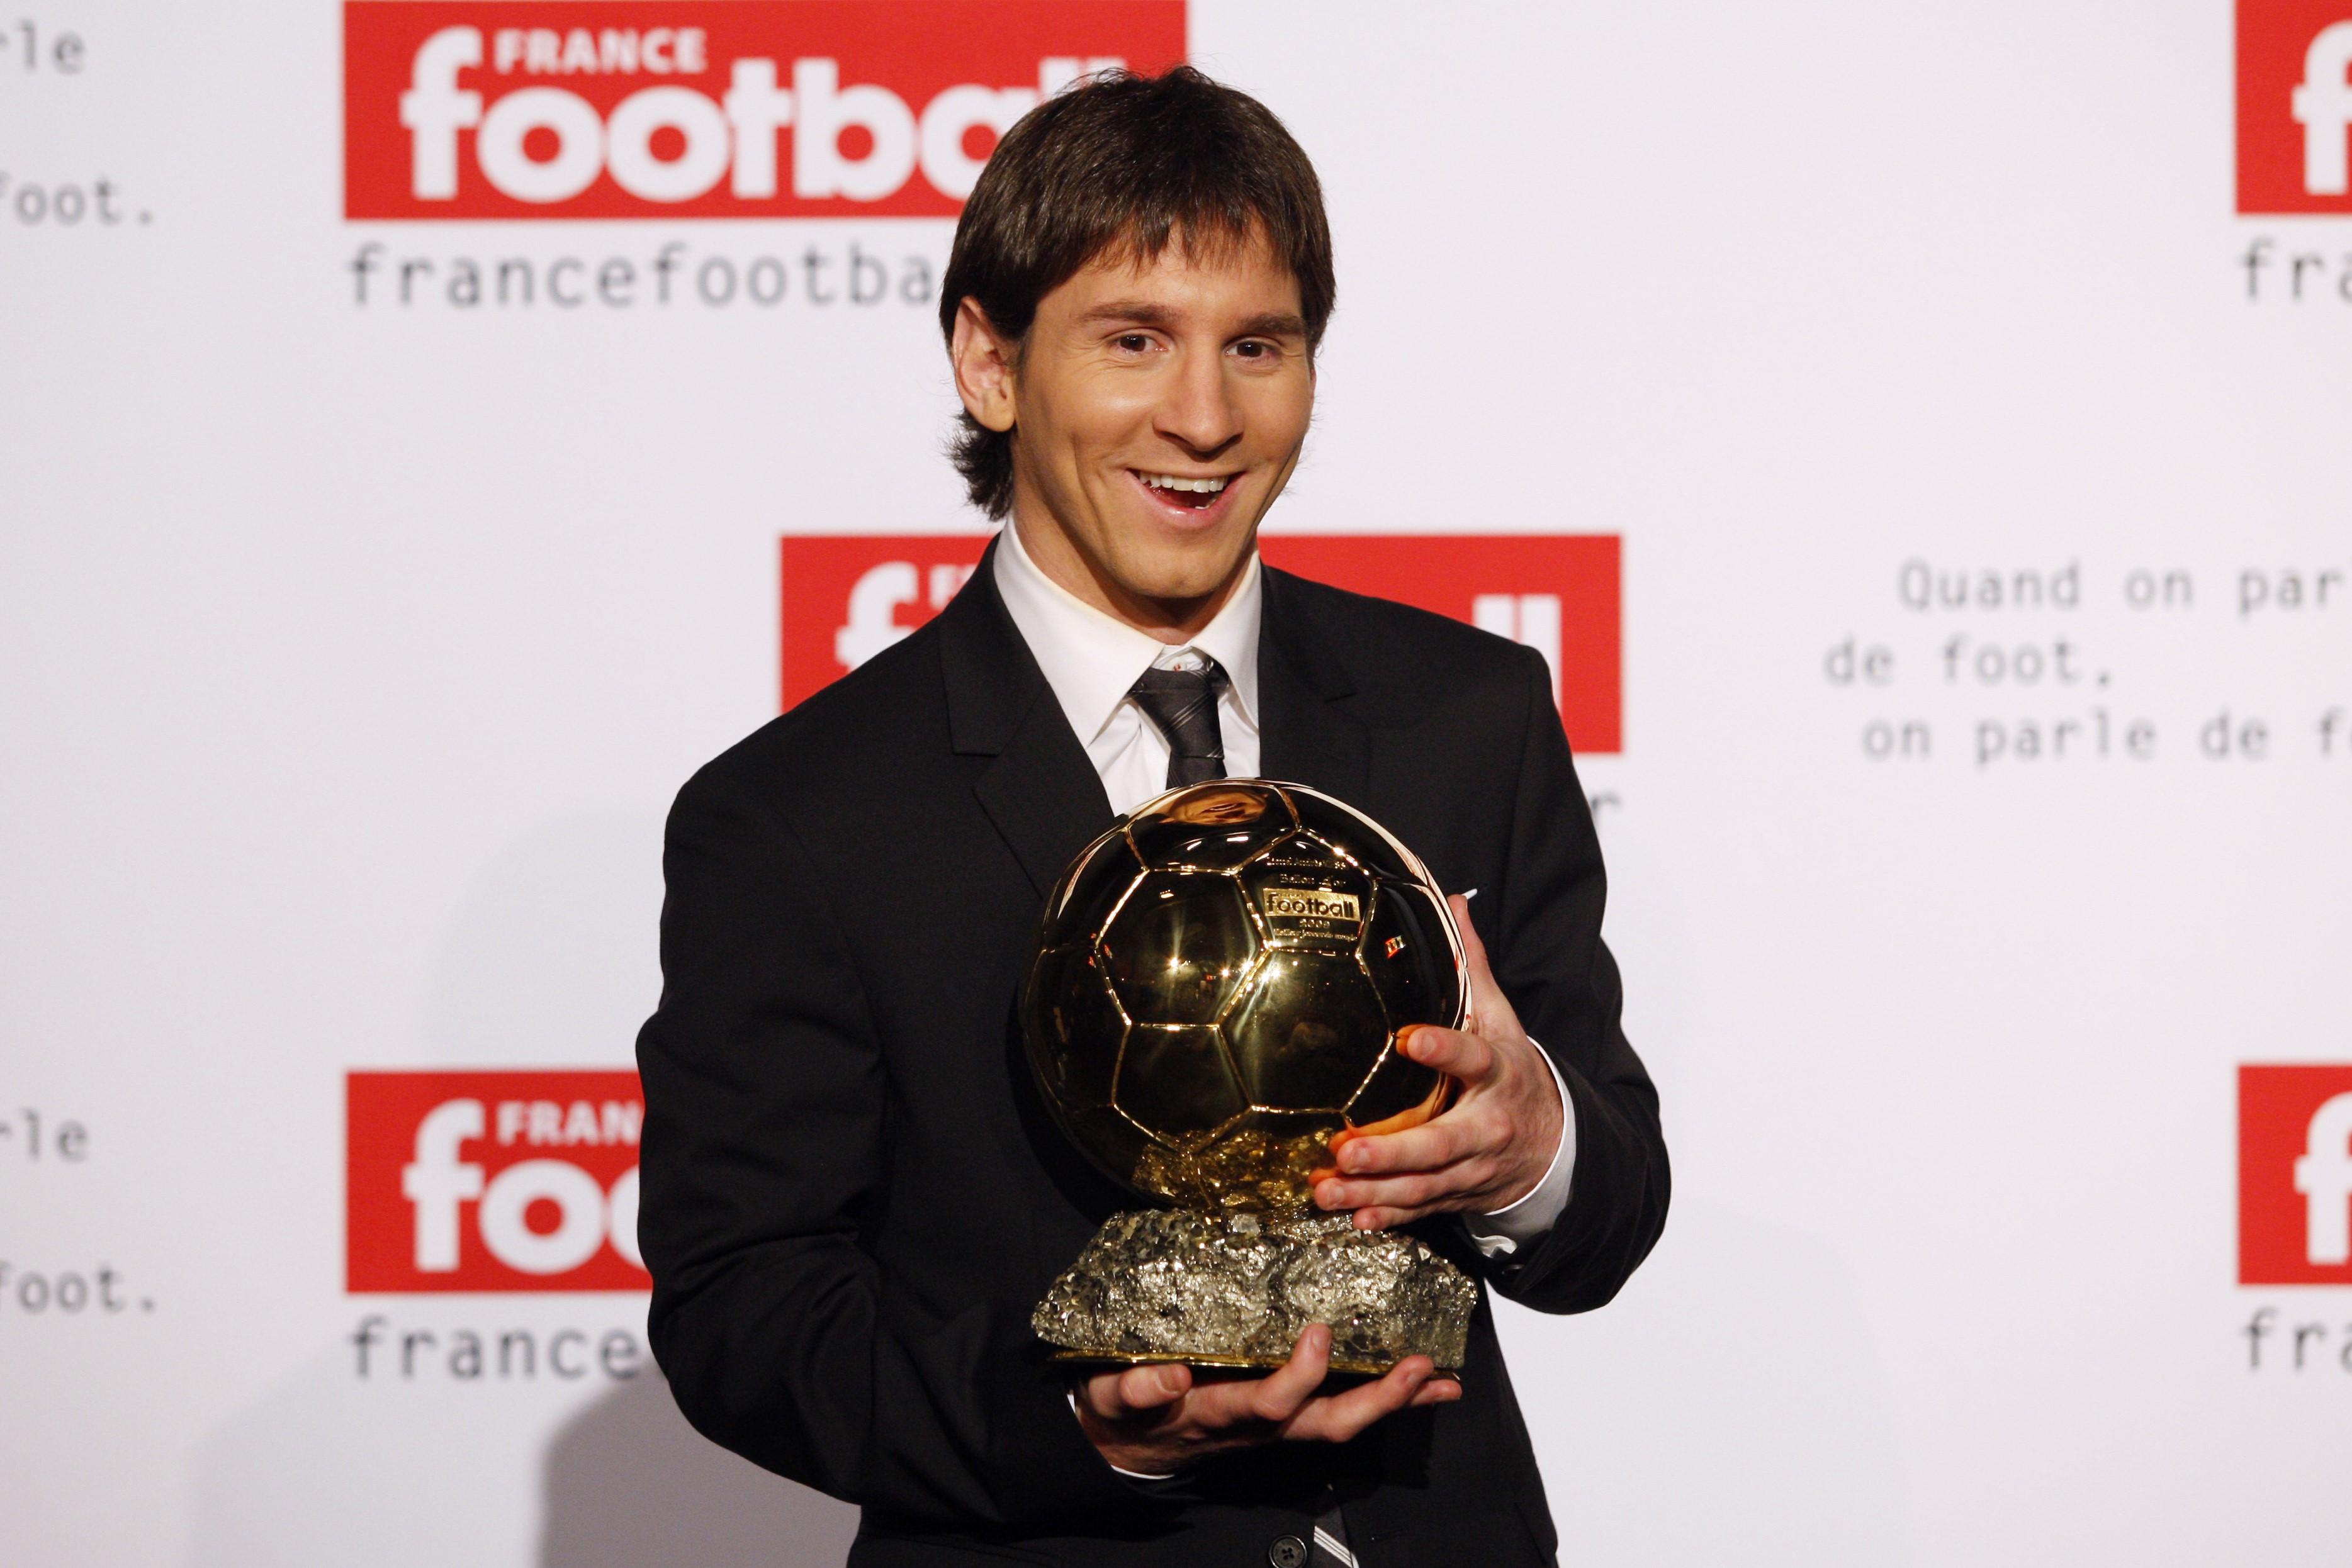 Лео Месси с «Золотым мячом»